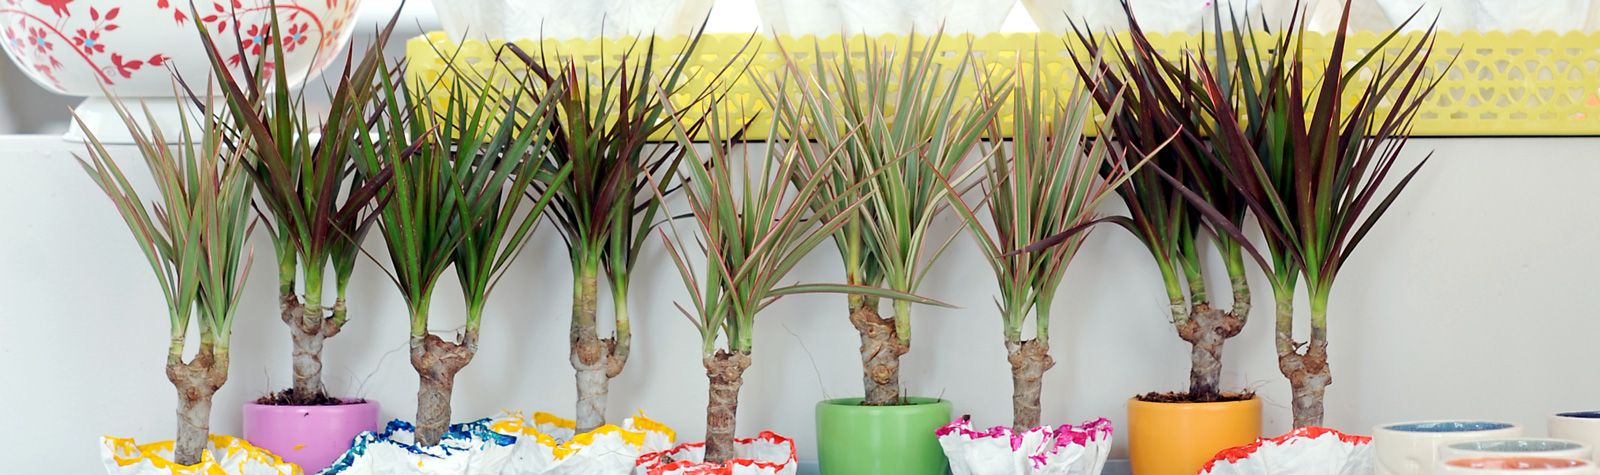 10 s per consejos para cuidar tus plantas de interior y - Plantas exteriores todo el ano ...